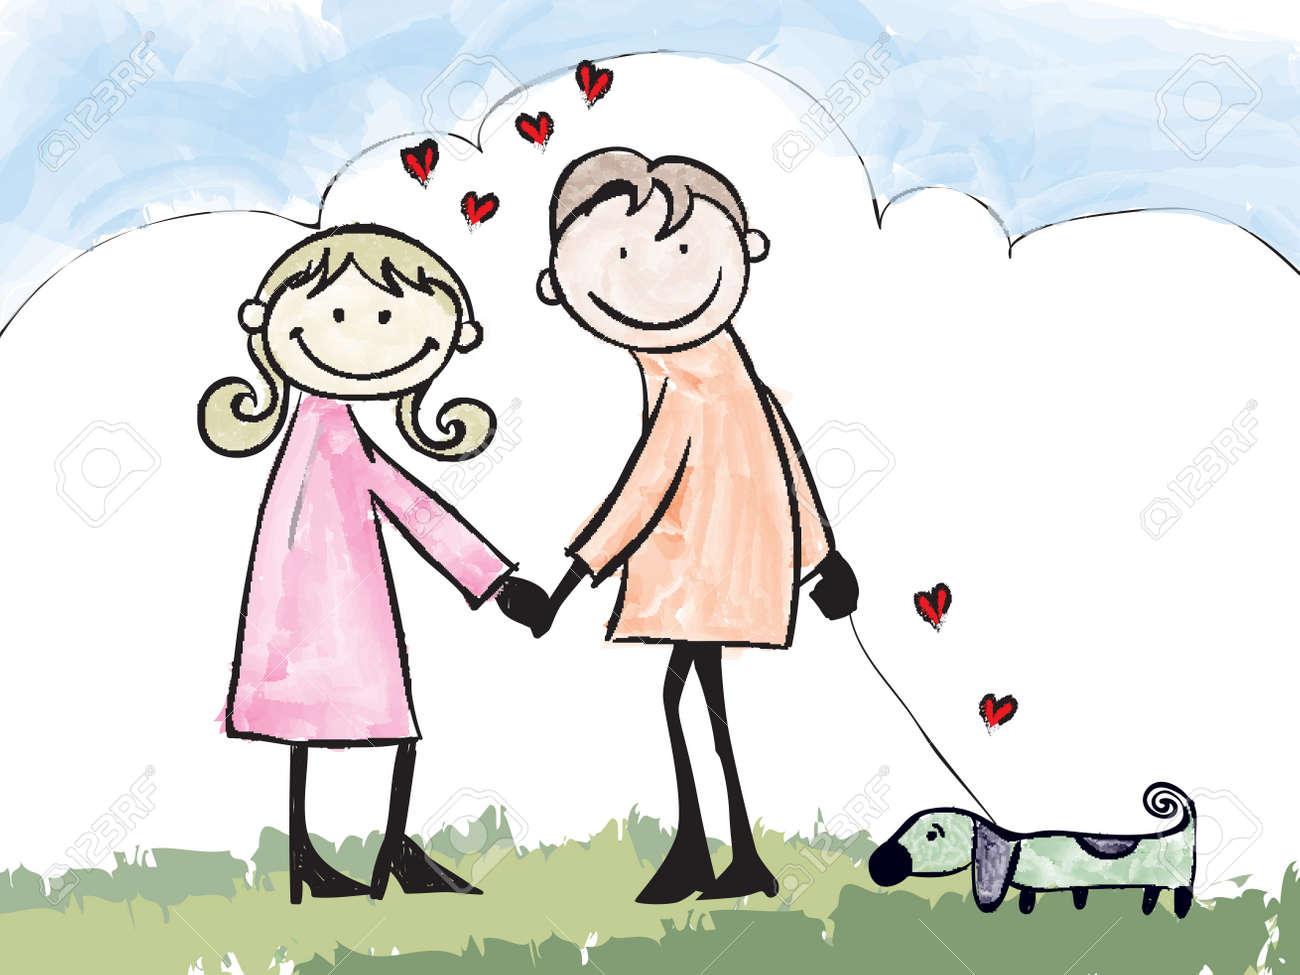 幸せな恋人のカップル デート漫画イラスト ロイヤリティフリークリップ